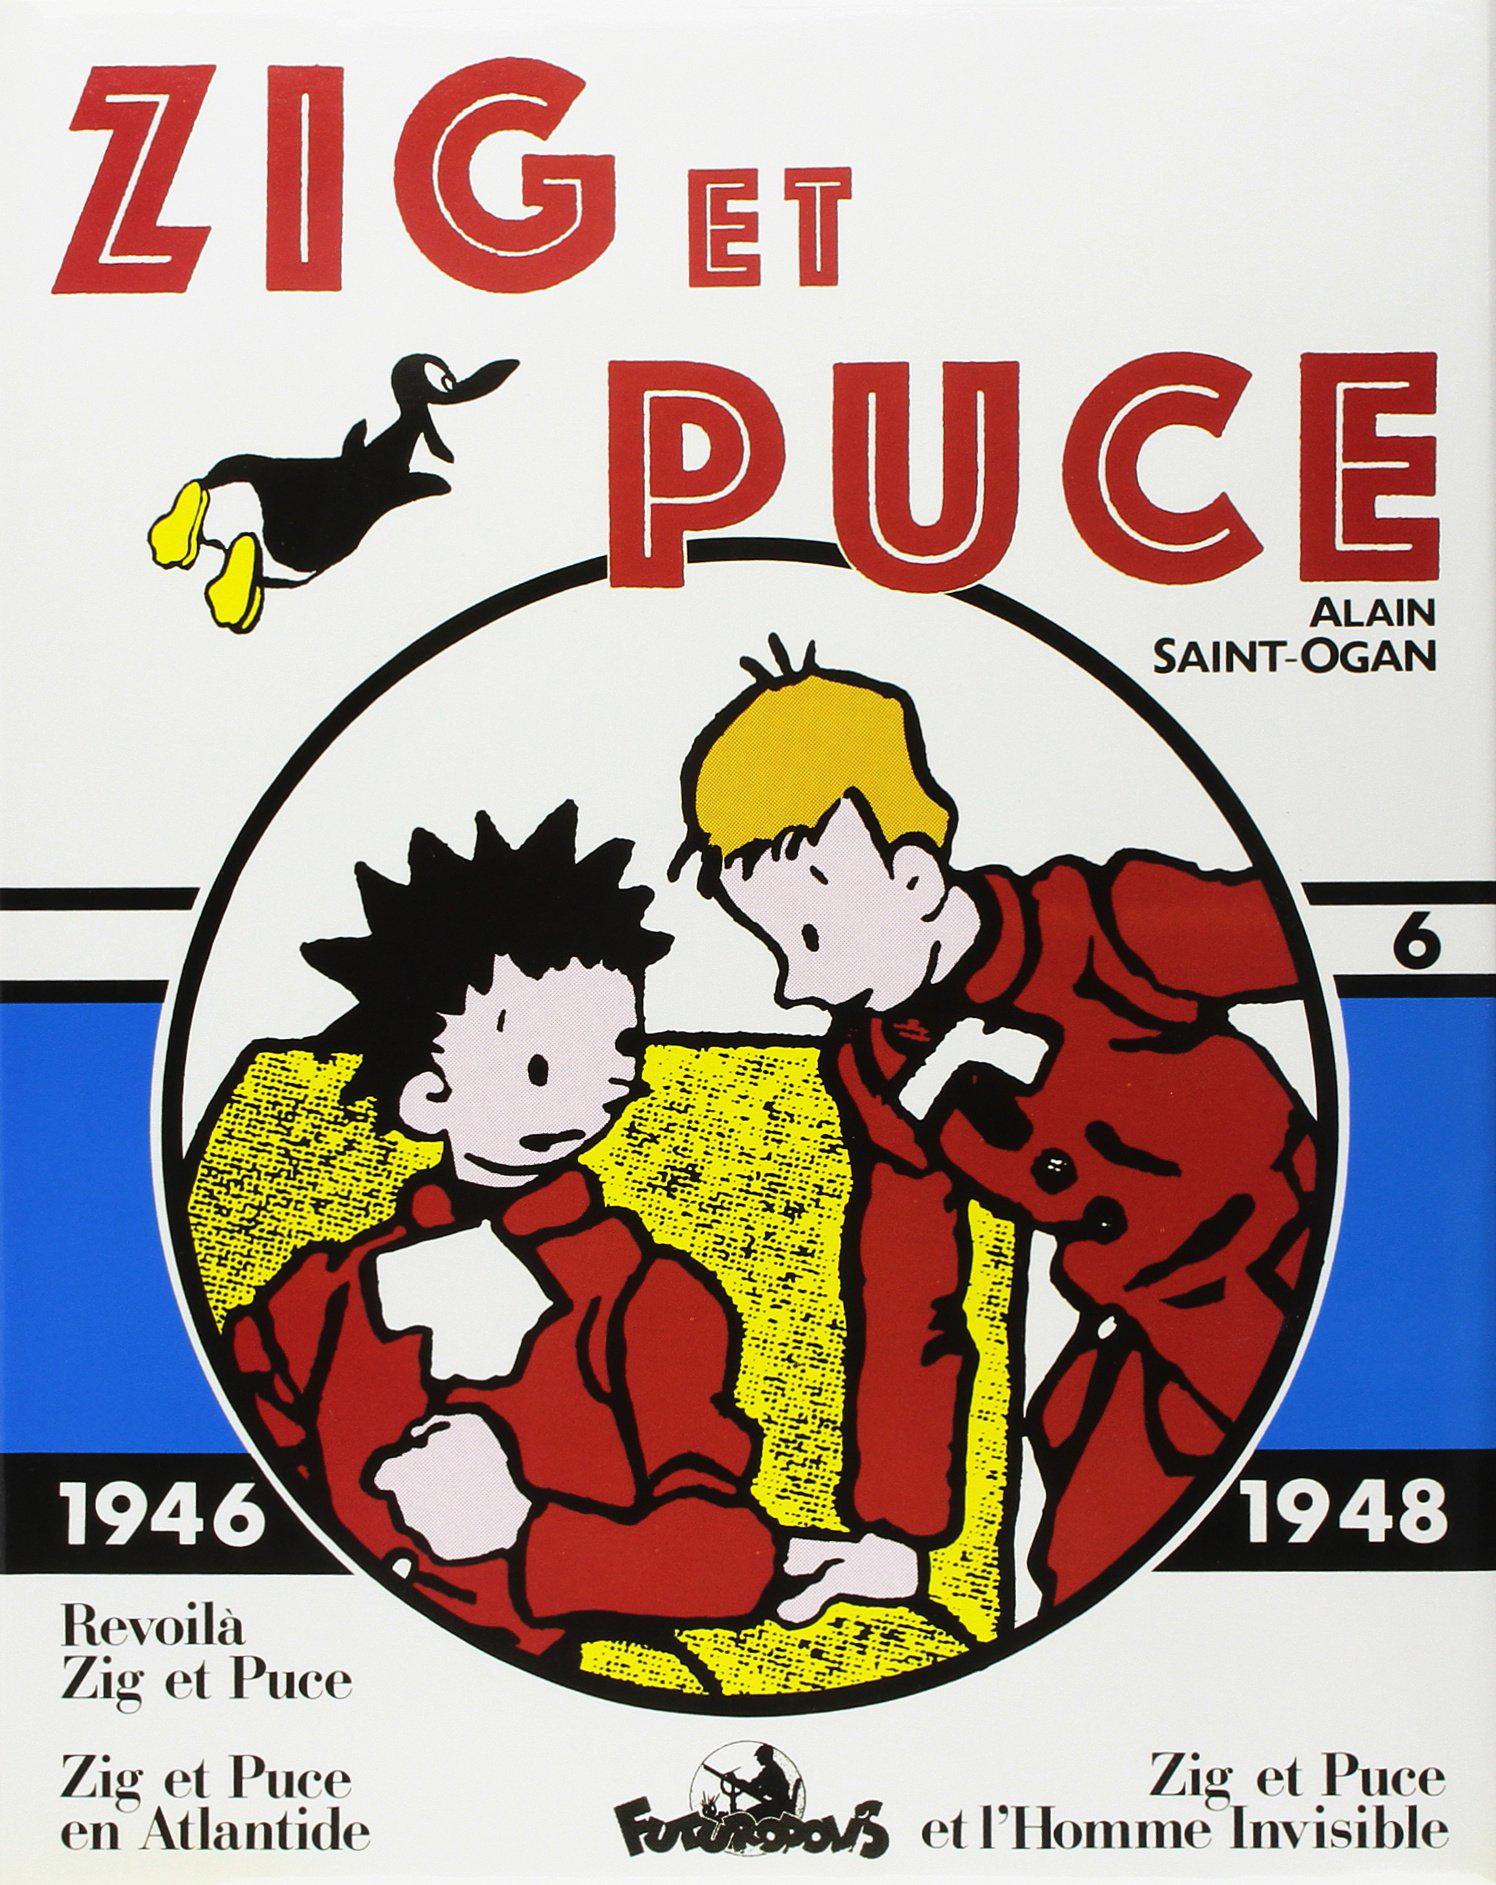 ZIG ET PUCE - (1946-1948)